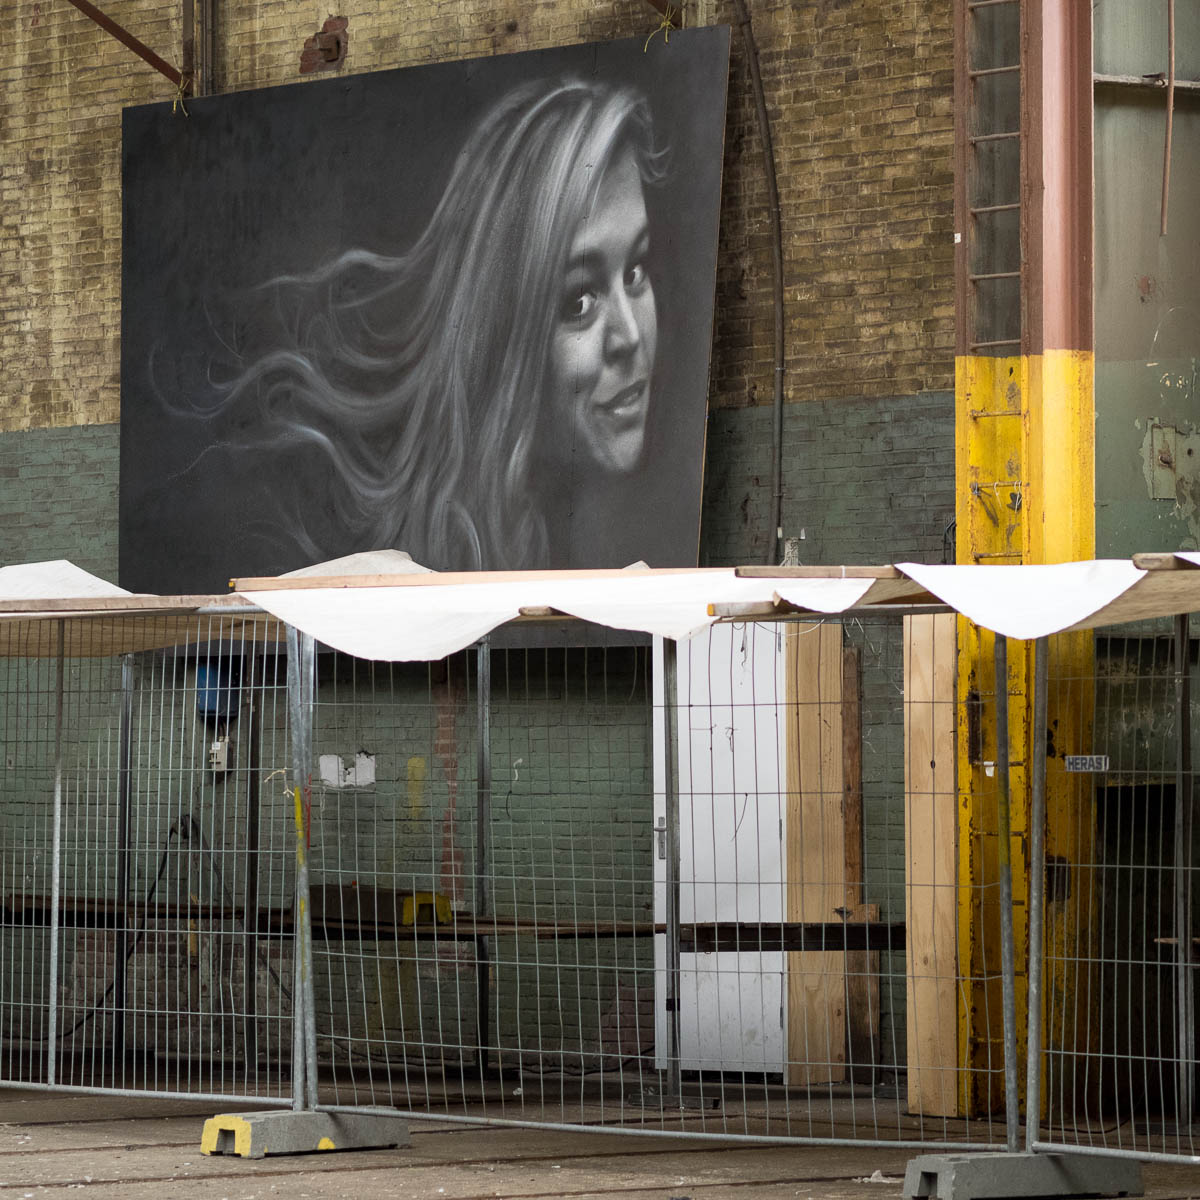 Amsterdam NDSM Graffiti